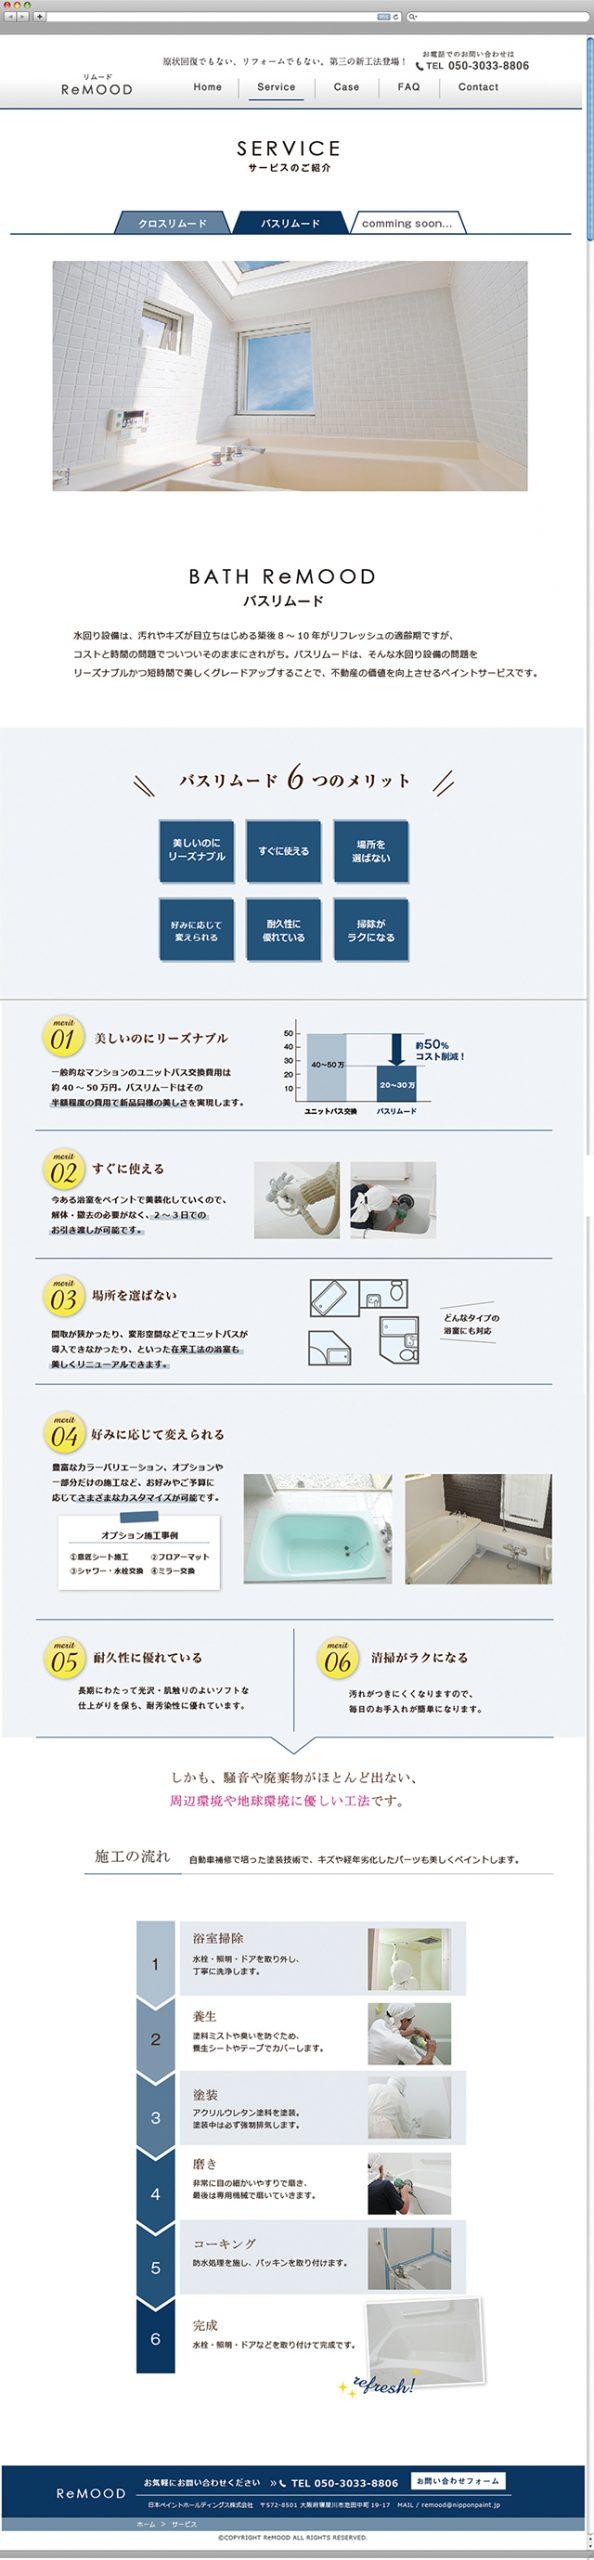 塗料メーカー WEBサイト デザイン制作、コーディング